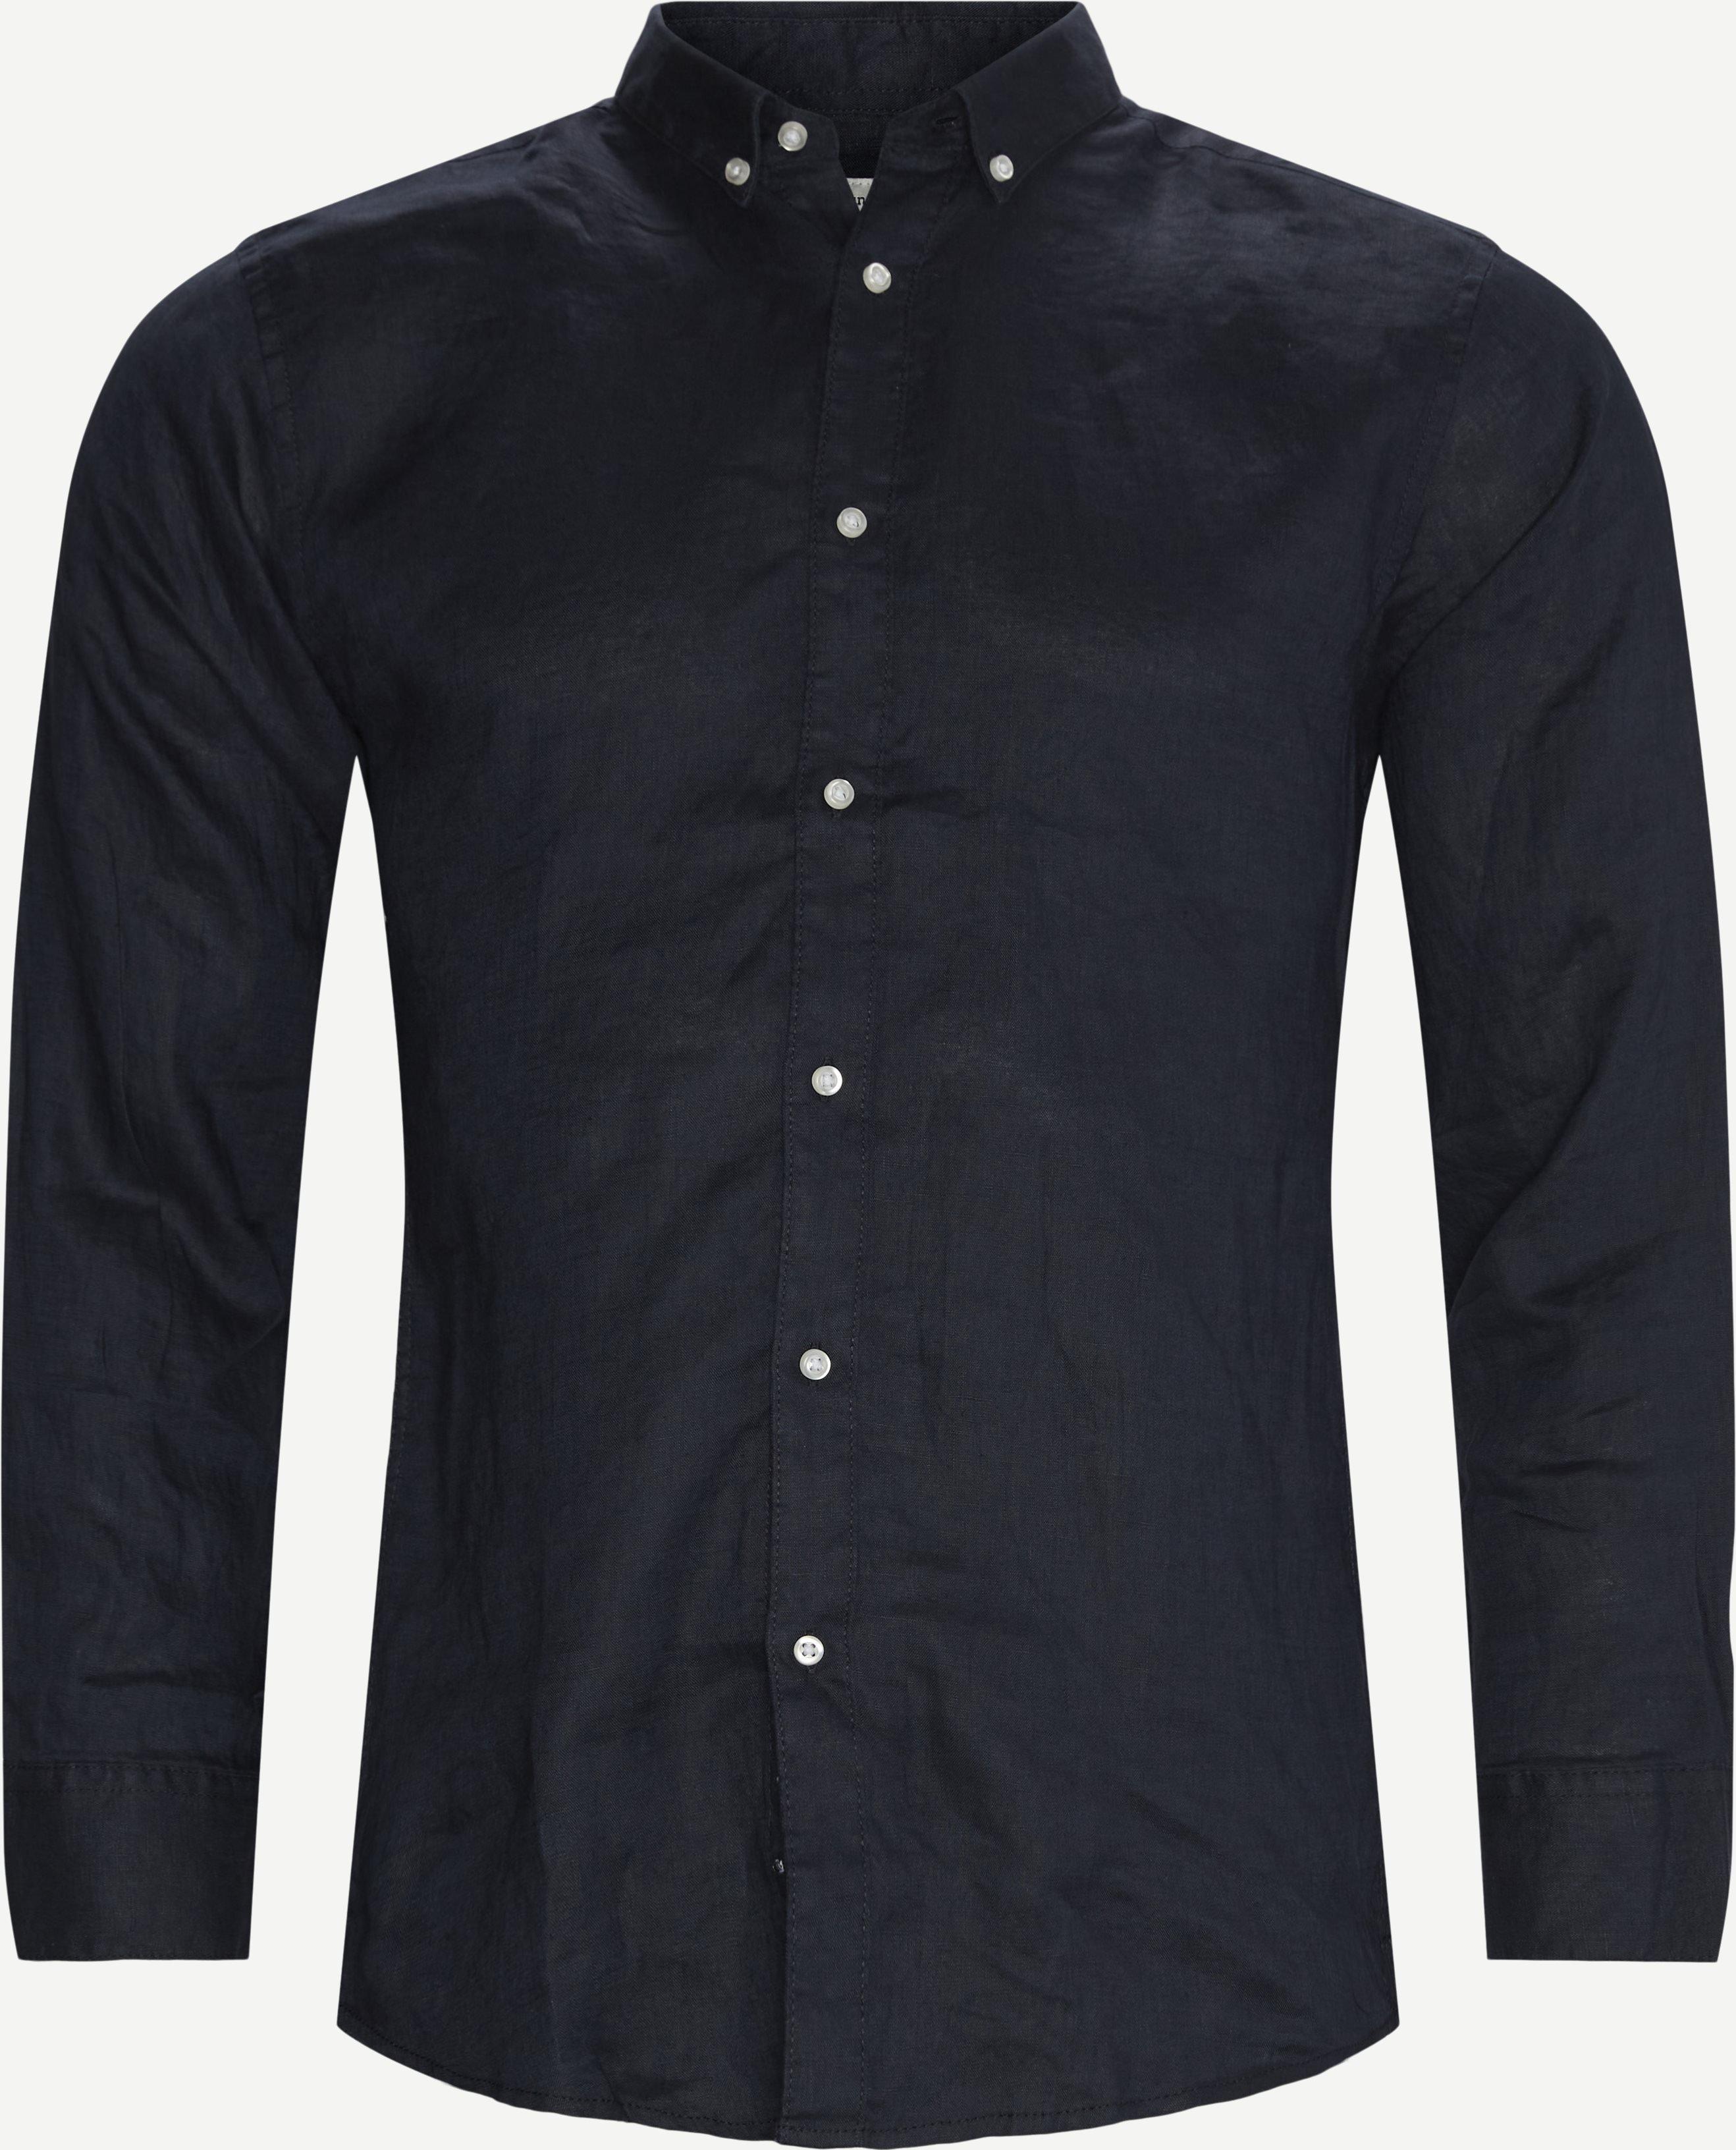 Kochi Skjorte - Skjortor - Regular - Blå